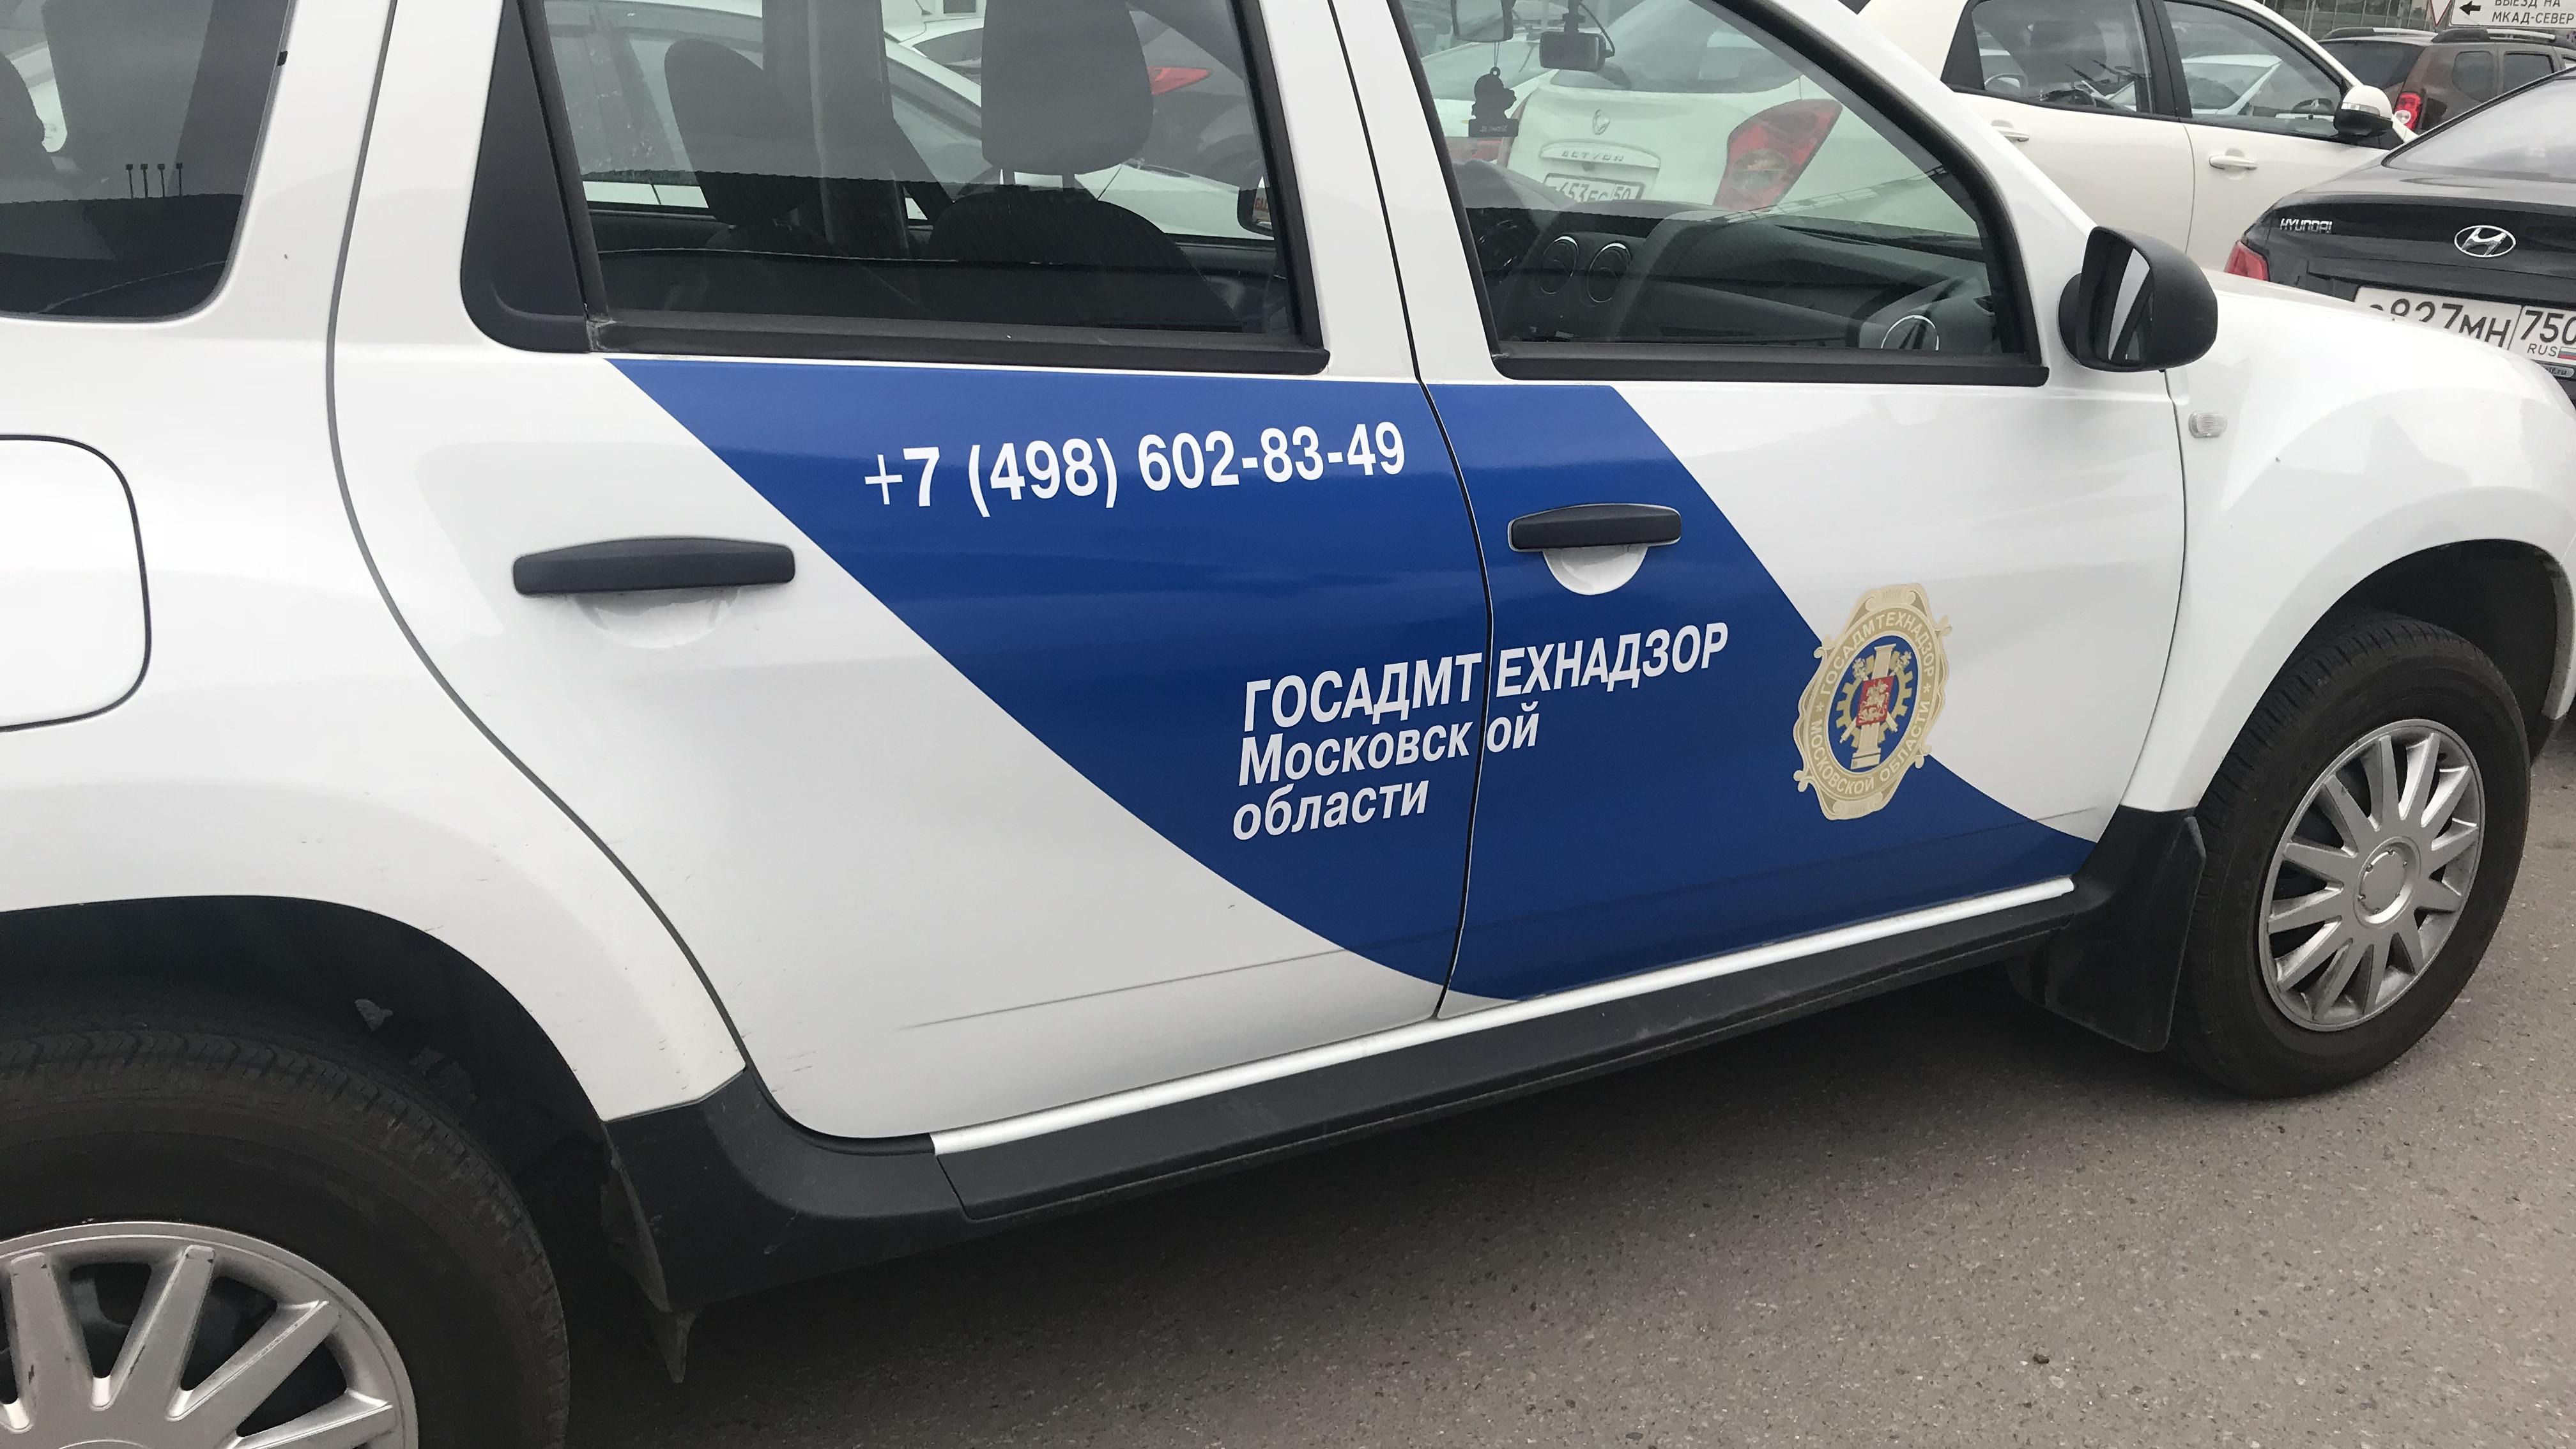 Почти 10 тыс. обращений по темам Госадмтехнадзора региона обработали через ЦУР за неделю